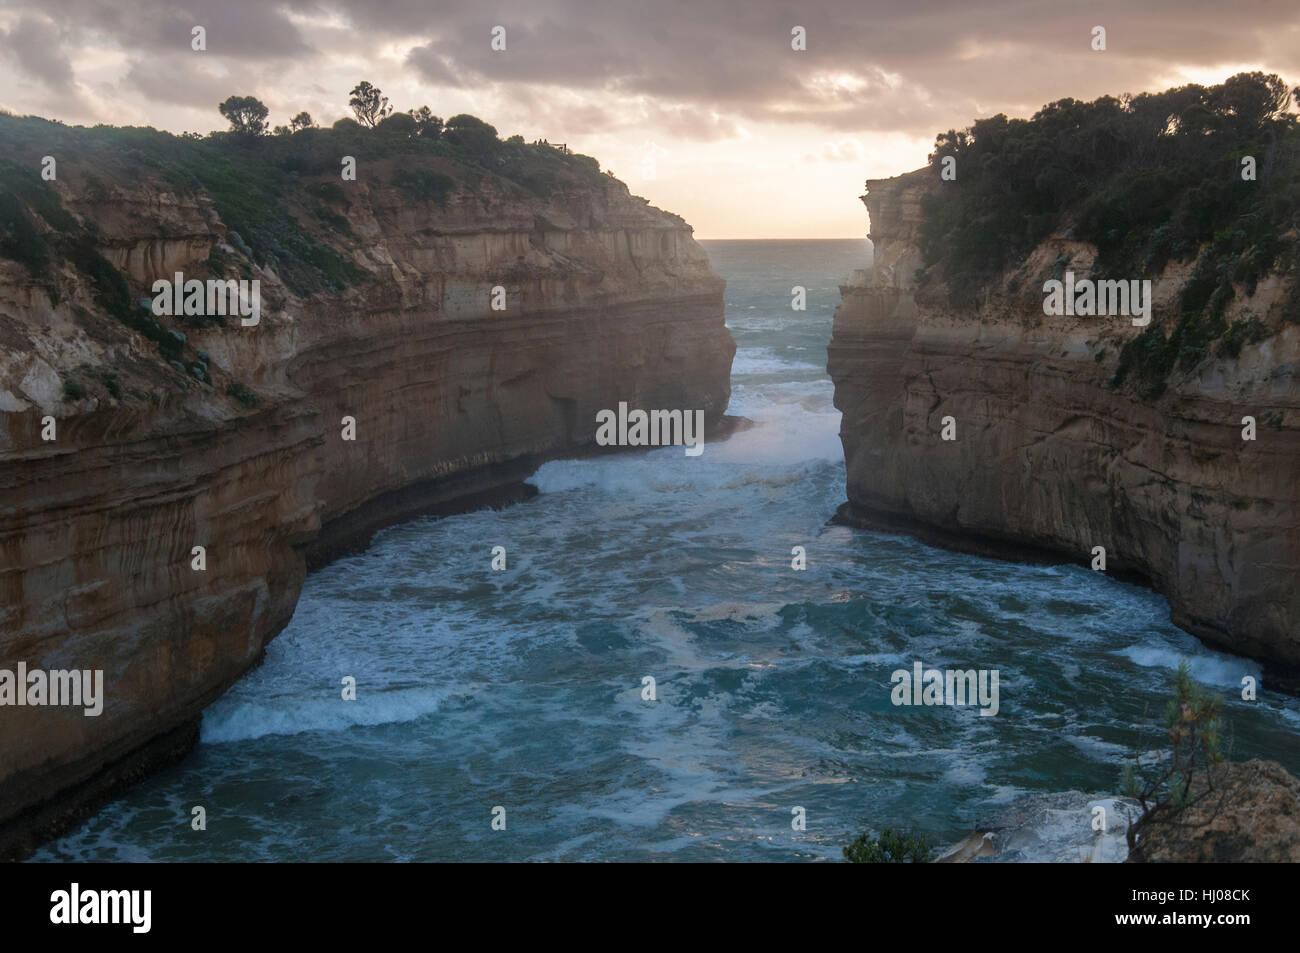 Alla Gola Loch Ard al crepuscolo, Parco Nazionale di Port Campbell, Great Ocean Road, Victoria, Australia Foto Stock